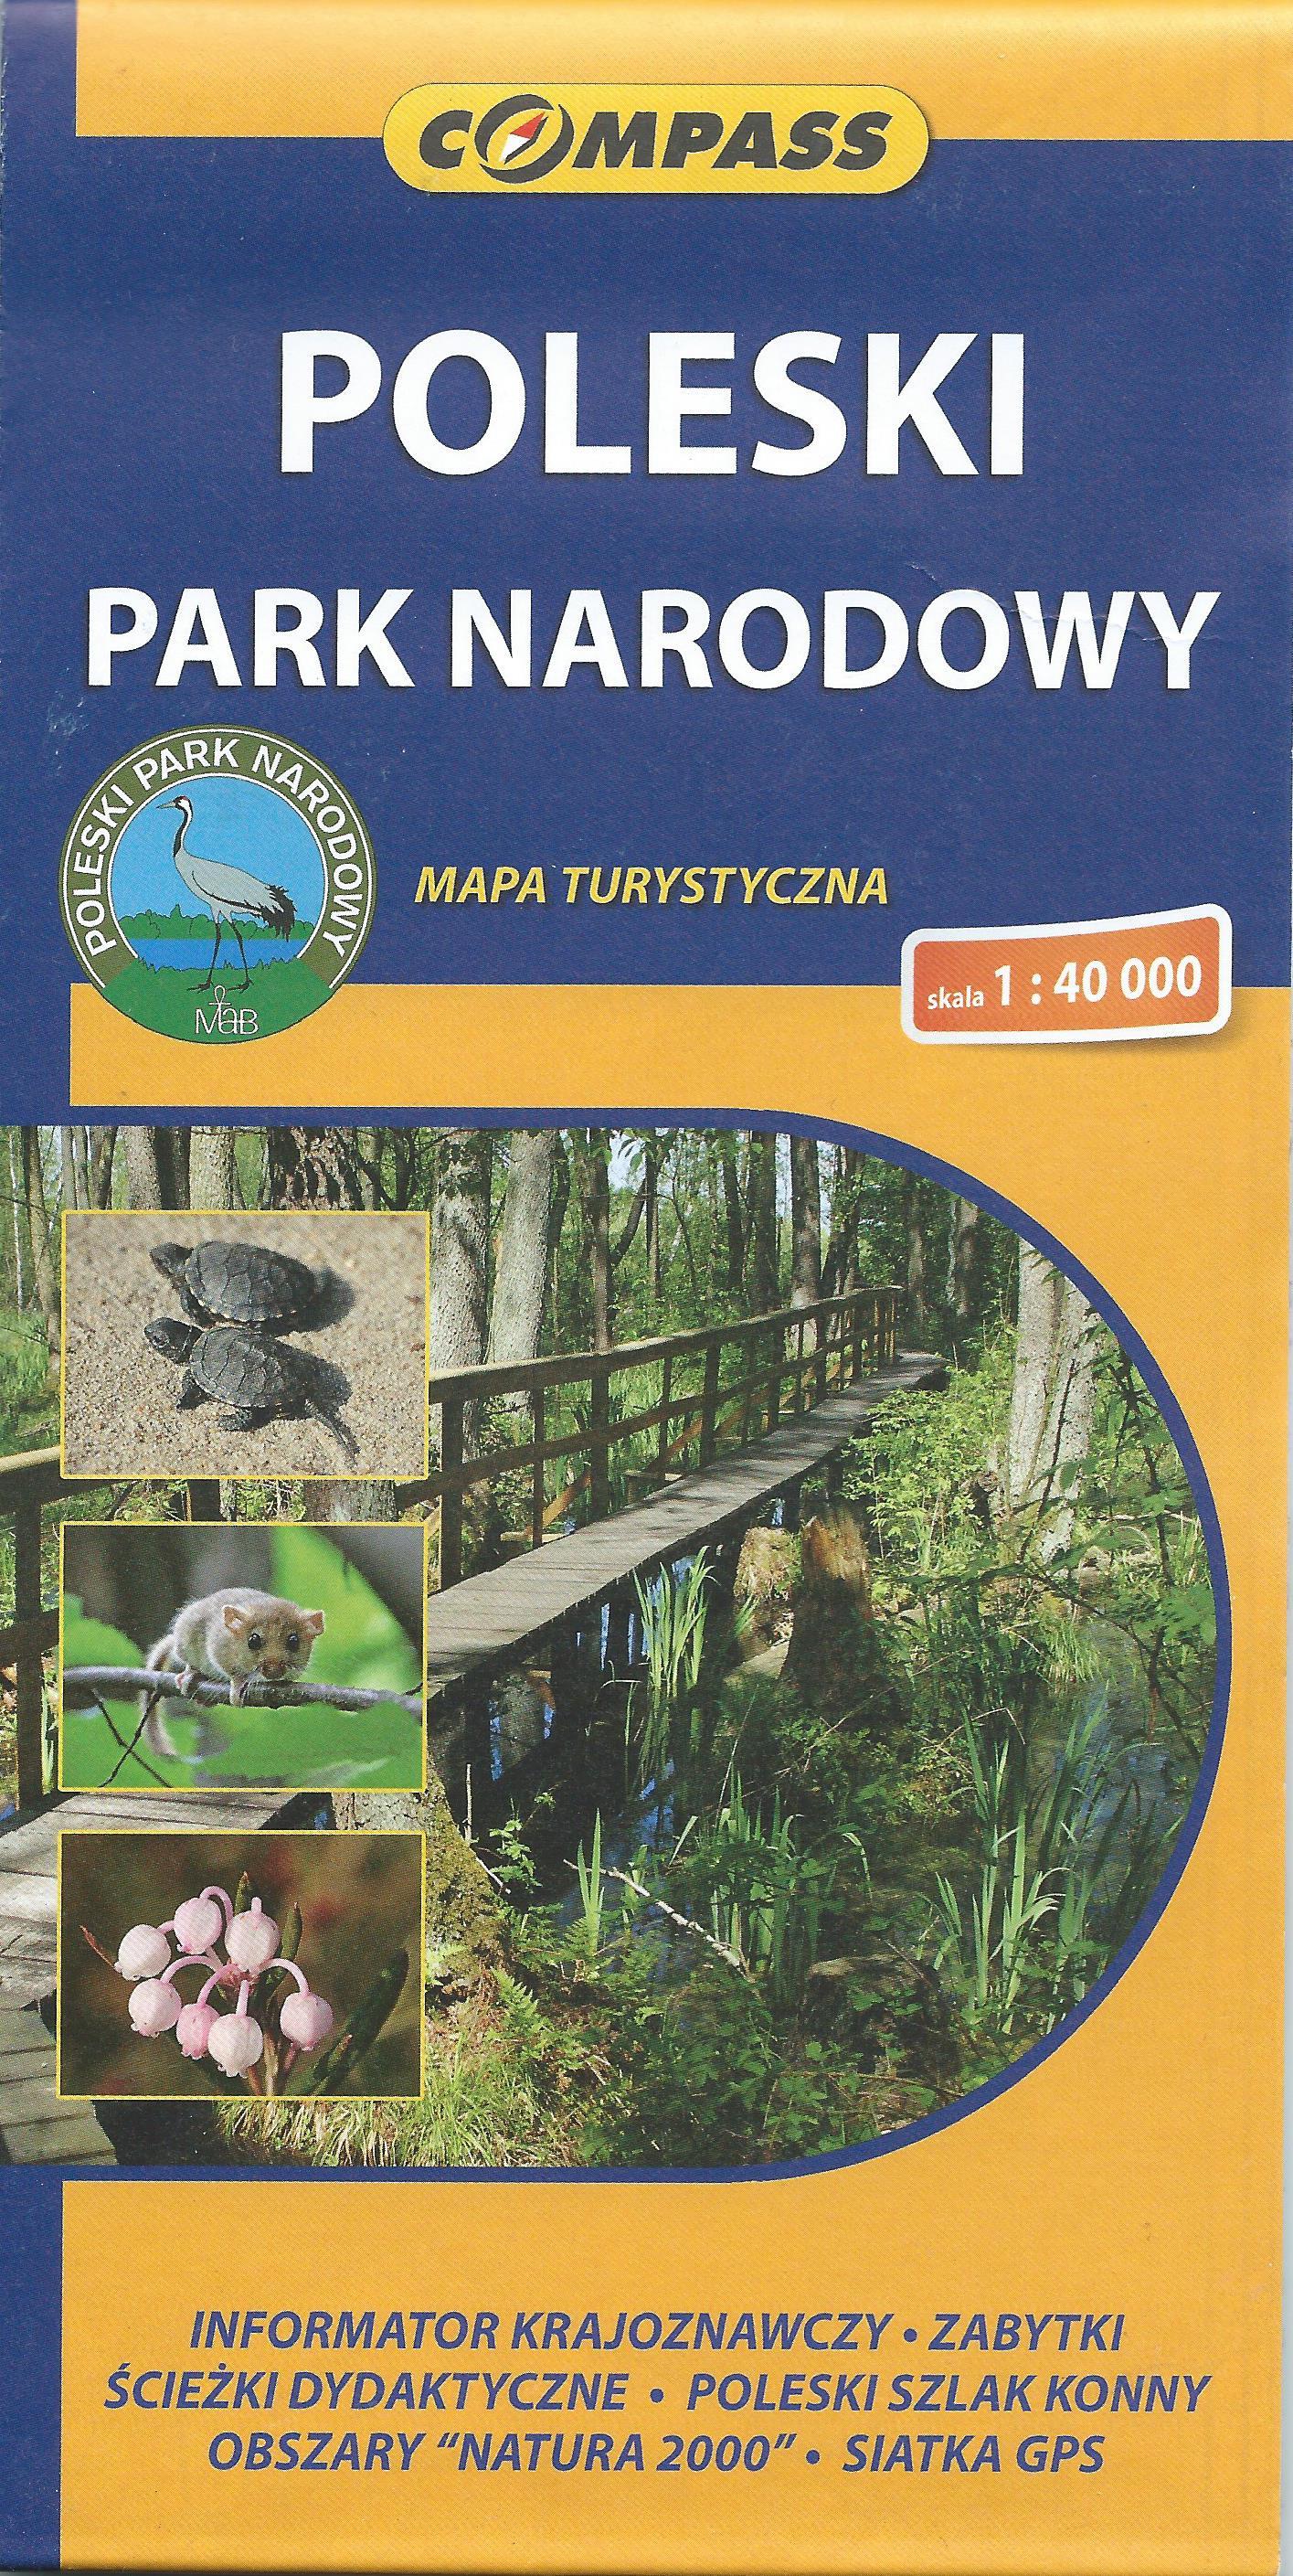 Poleski Park Narodowy (mapa rozkładana)